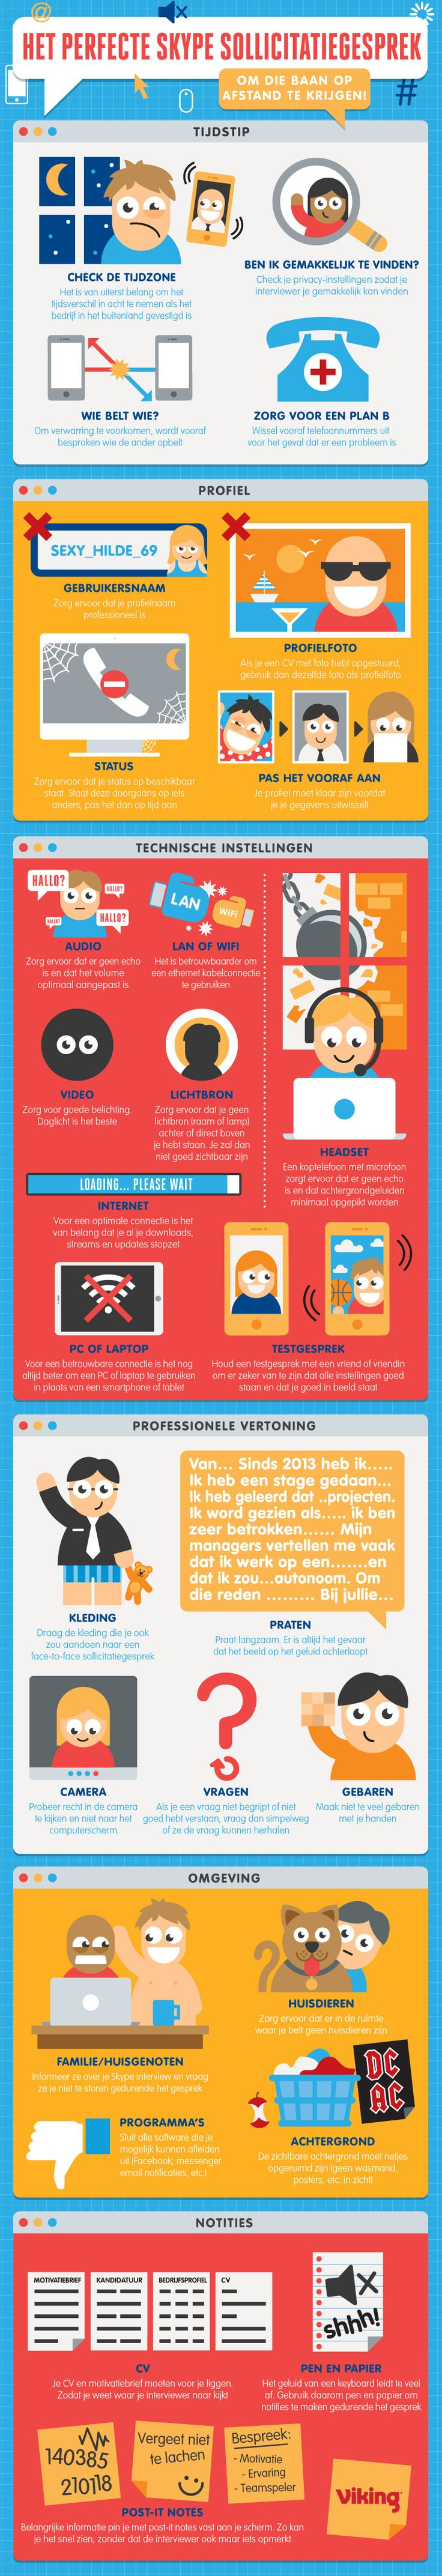 Heb je een sollicitatiegesprek via Skype? Met deze tips ben je perfect voorbereid.